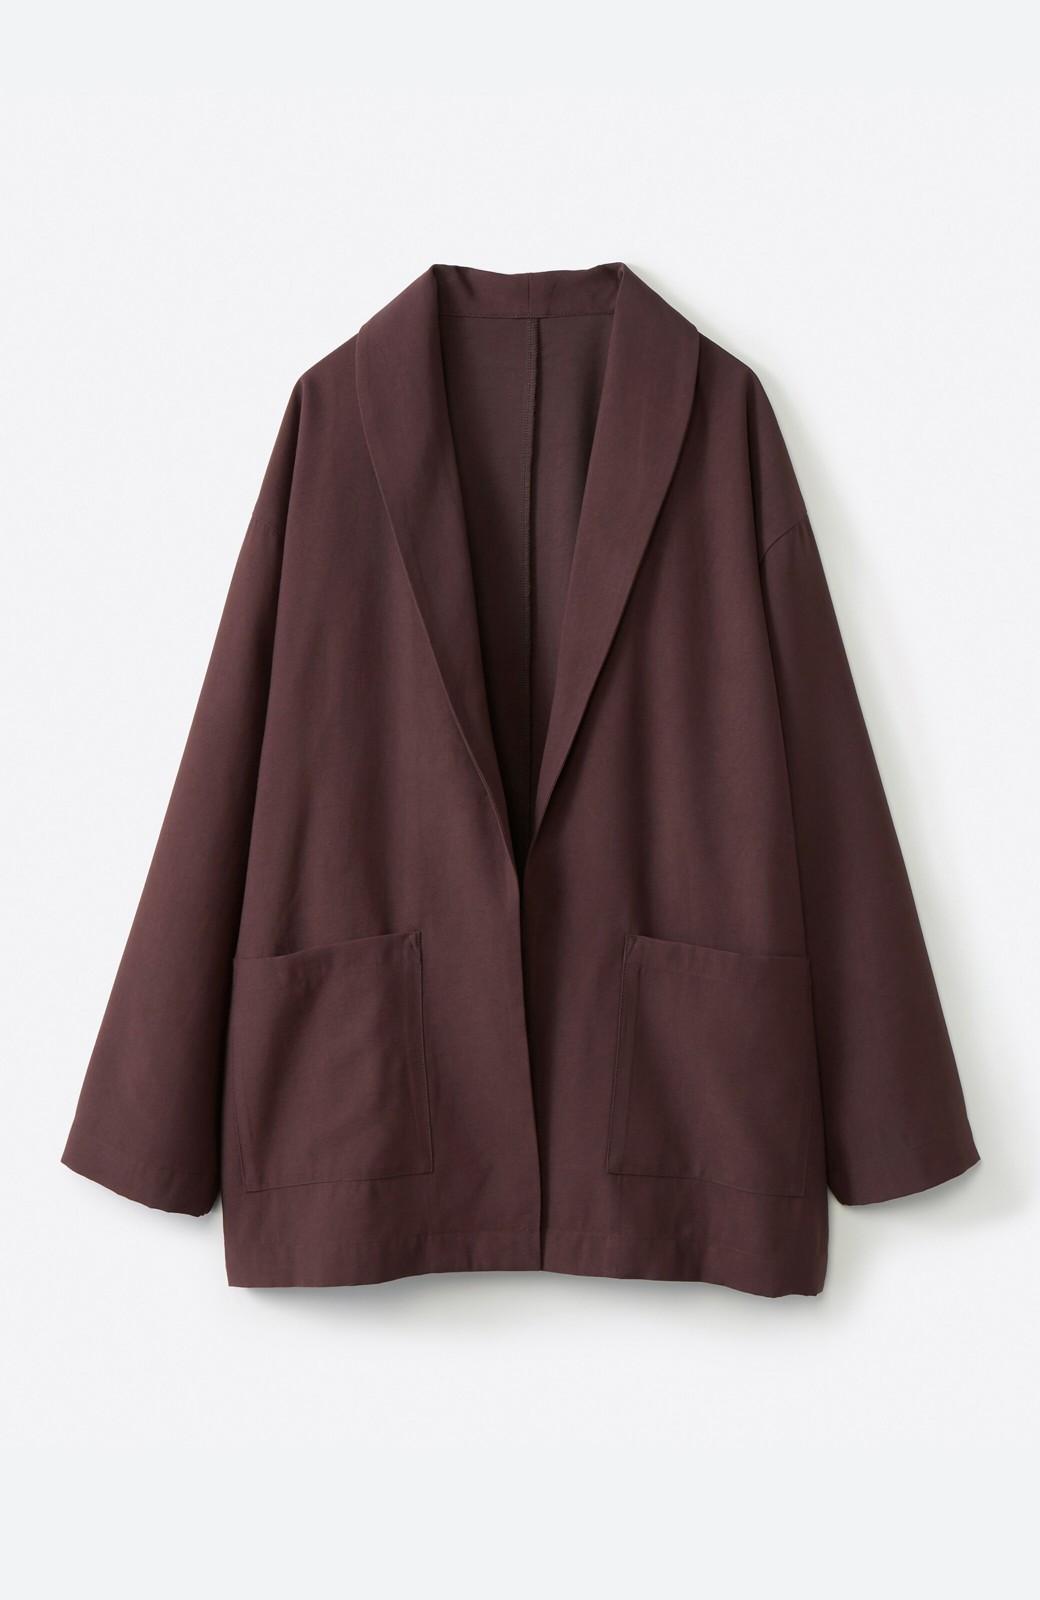 haco! さらりと羽織ってきれい見え カジュアルにも着られてほどよいきちんと感が頼りになるリラックスジャケット <チョコ>の商品写真2